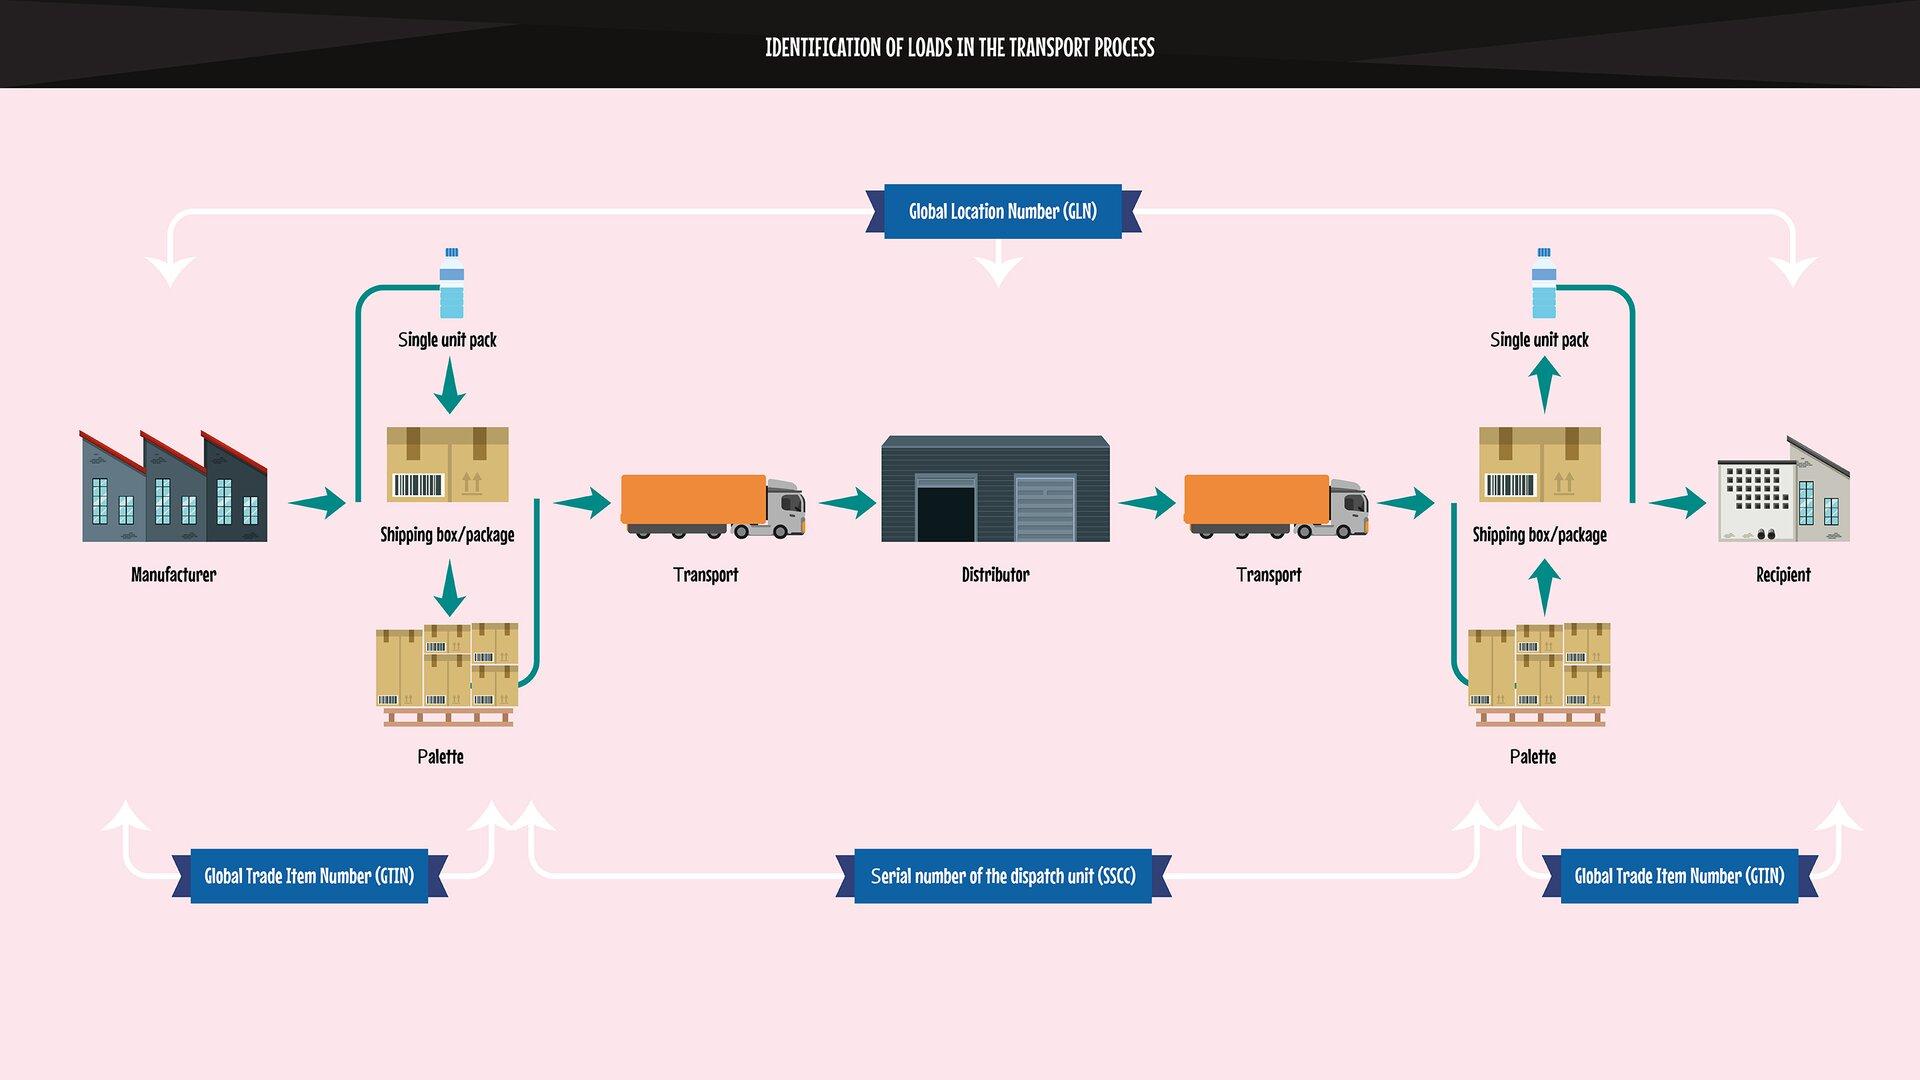 The graphics represent elements of identification in the transport process according to the global GS1 standard.Grafika przedstawia elementy identyfikacji wprocesie transportowym według standardu globalnego GS1.